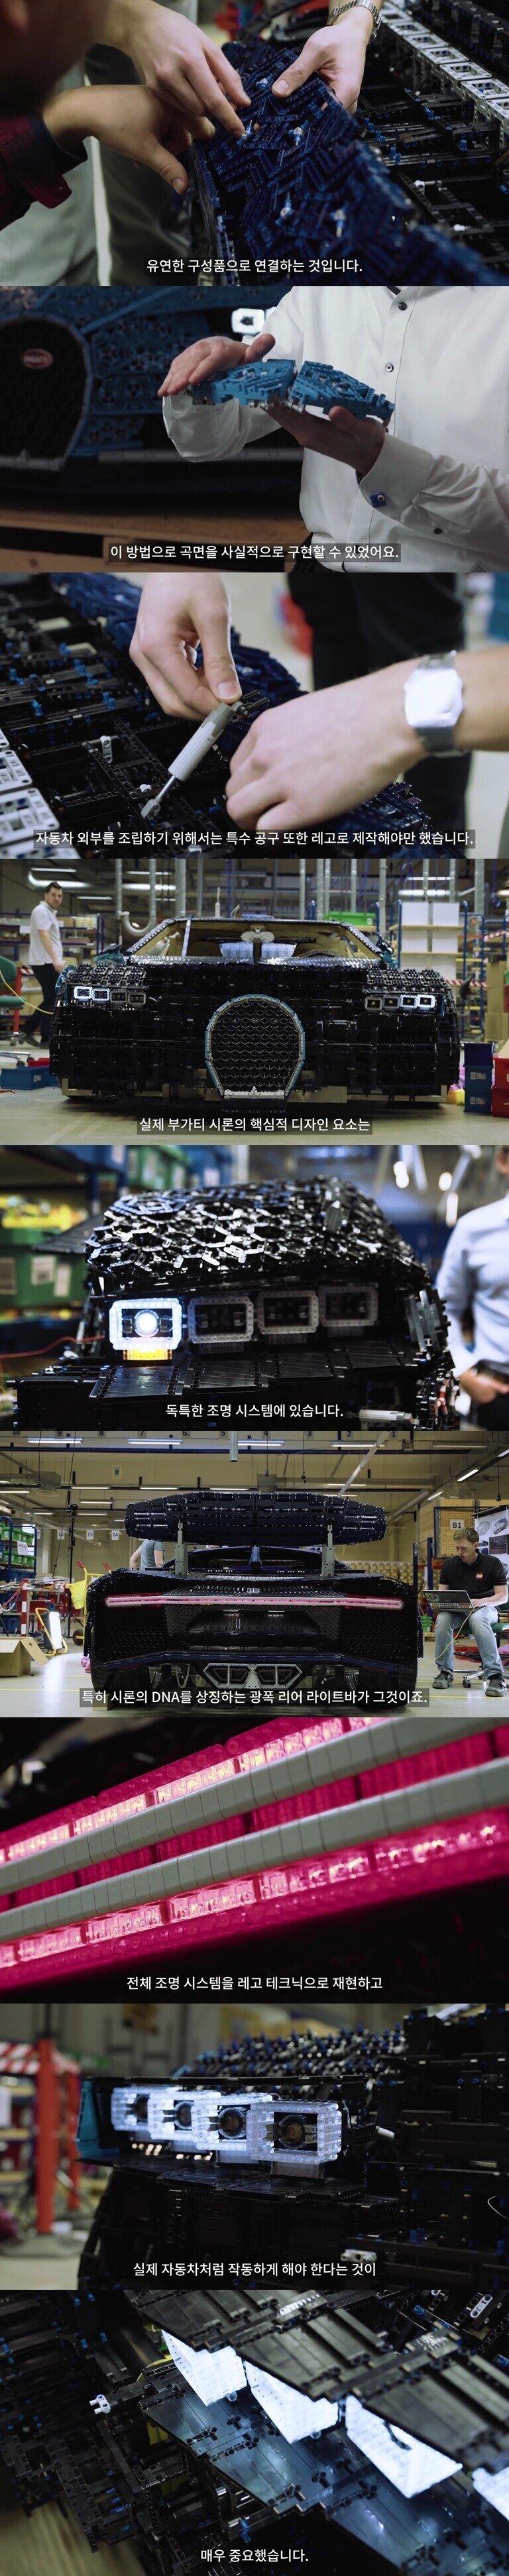 레고 테크닉 부가티 42083 - 불가능을 조립하다(다큐멘터리)-vert4.jpg 스압) 레고로 달리는 부가티를 만들다.Docu